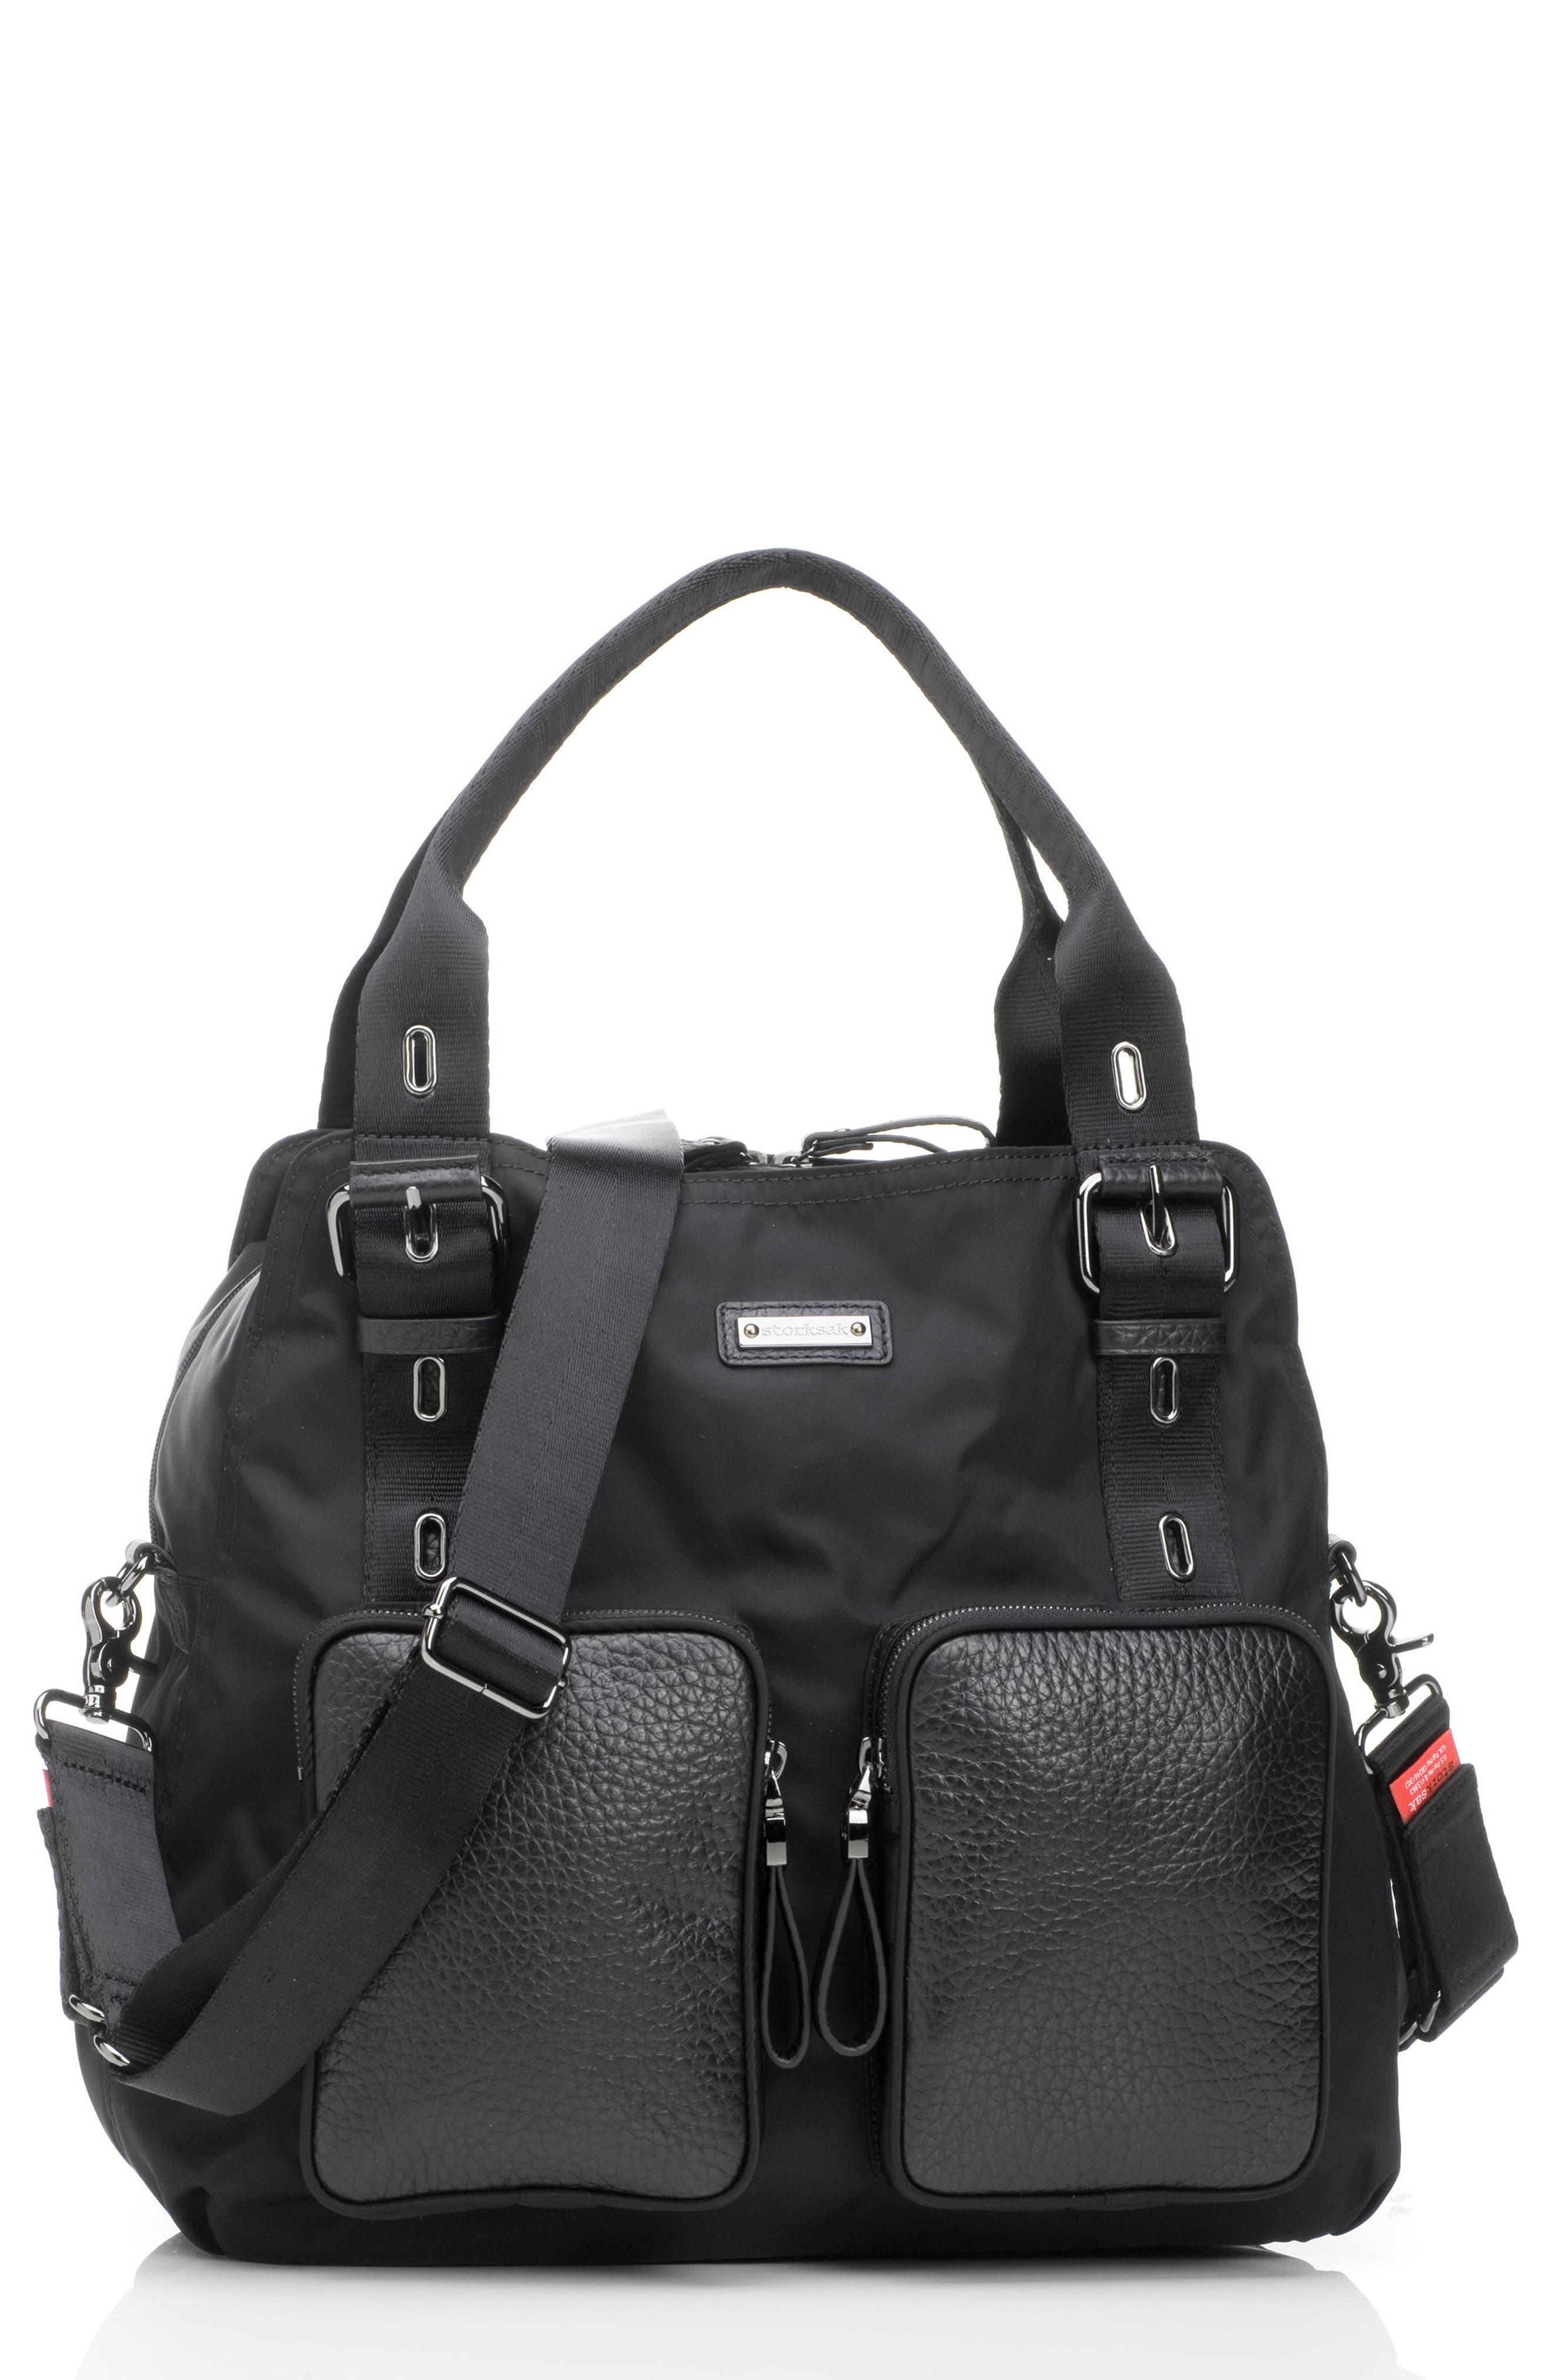 Alternate Image 1 Selected - Storksak Alexa Luxe Diaper Bag